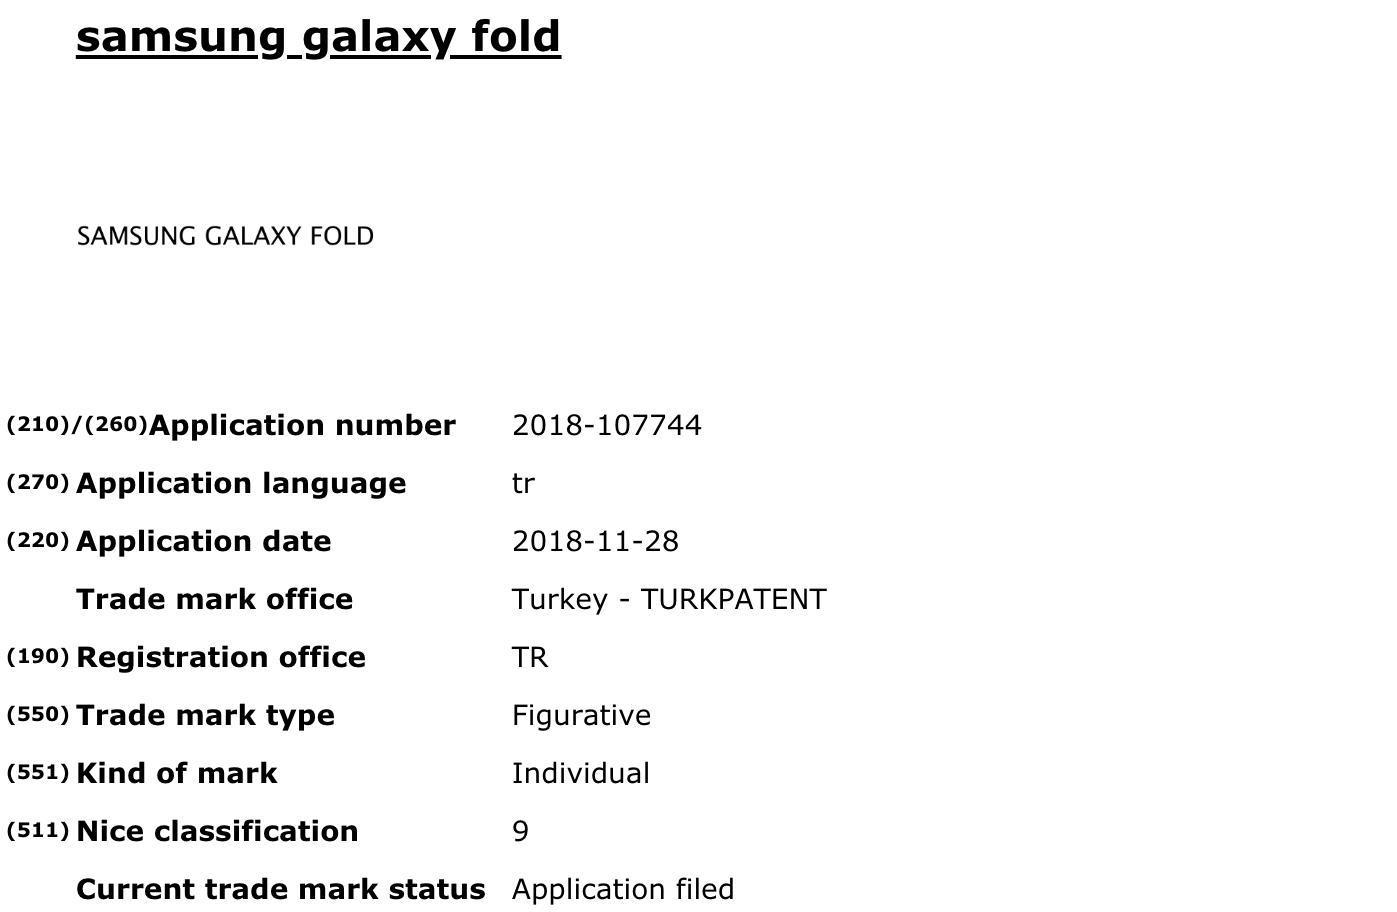 Sk³adane urz±dzenie Samsunga mo¿e nazywaæ siê Galaxy Fold